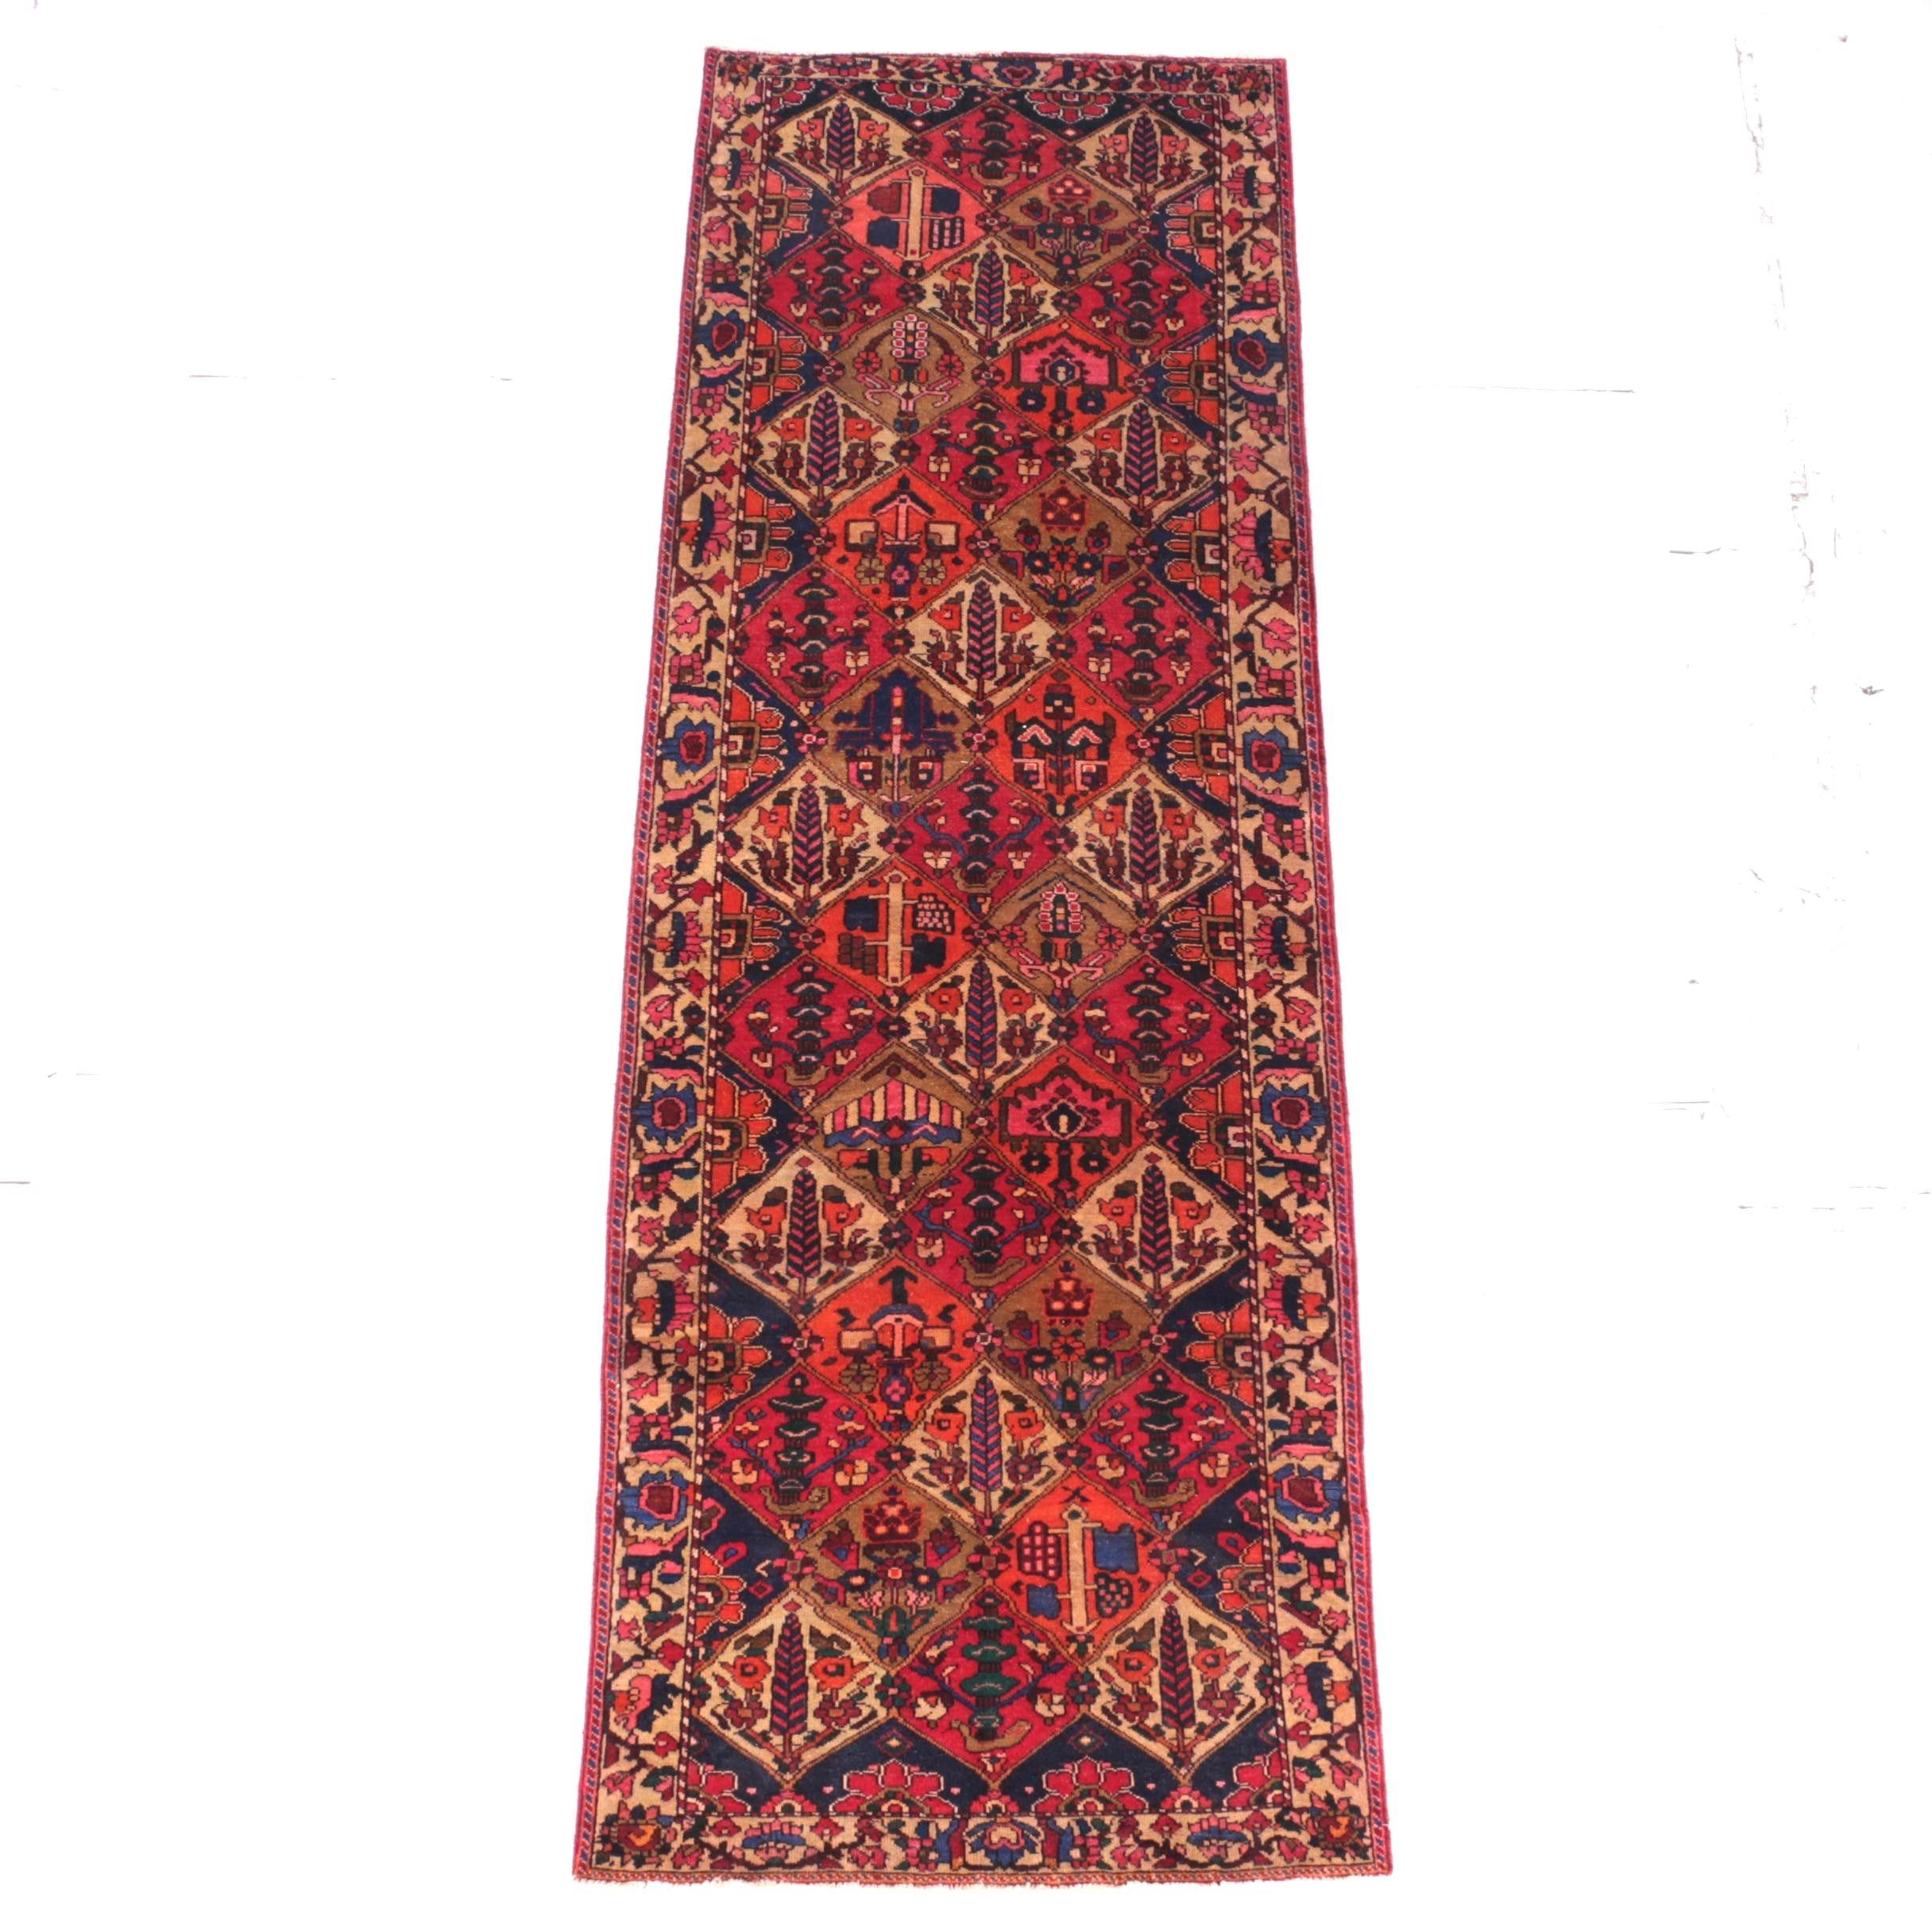 Hand-Knotted Bakhtiari Carpet Runner